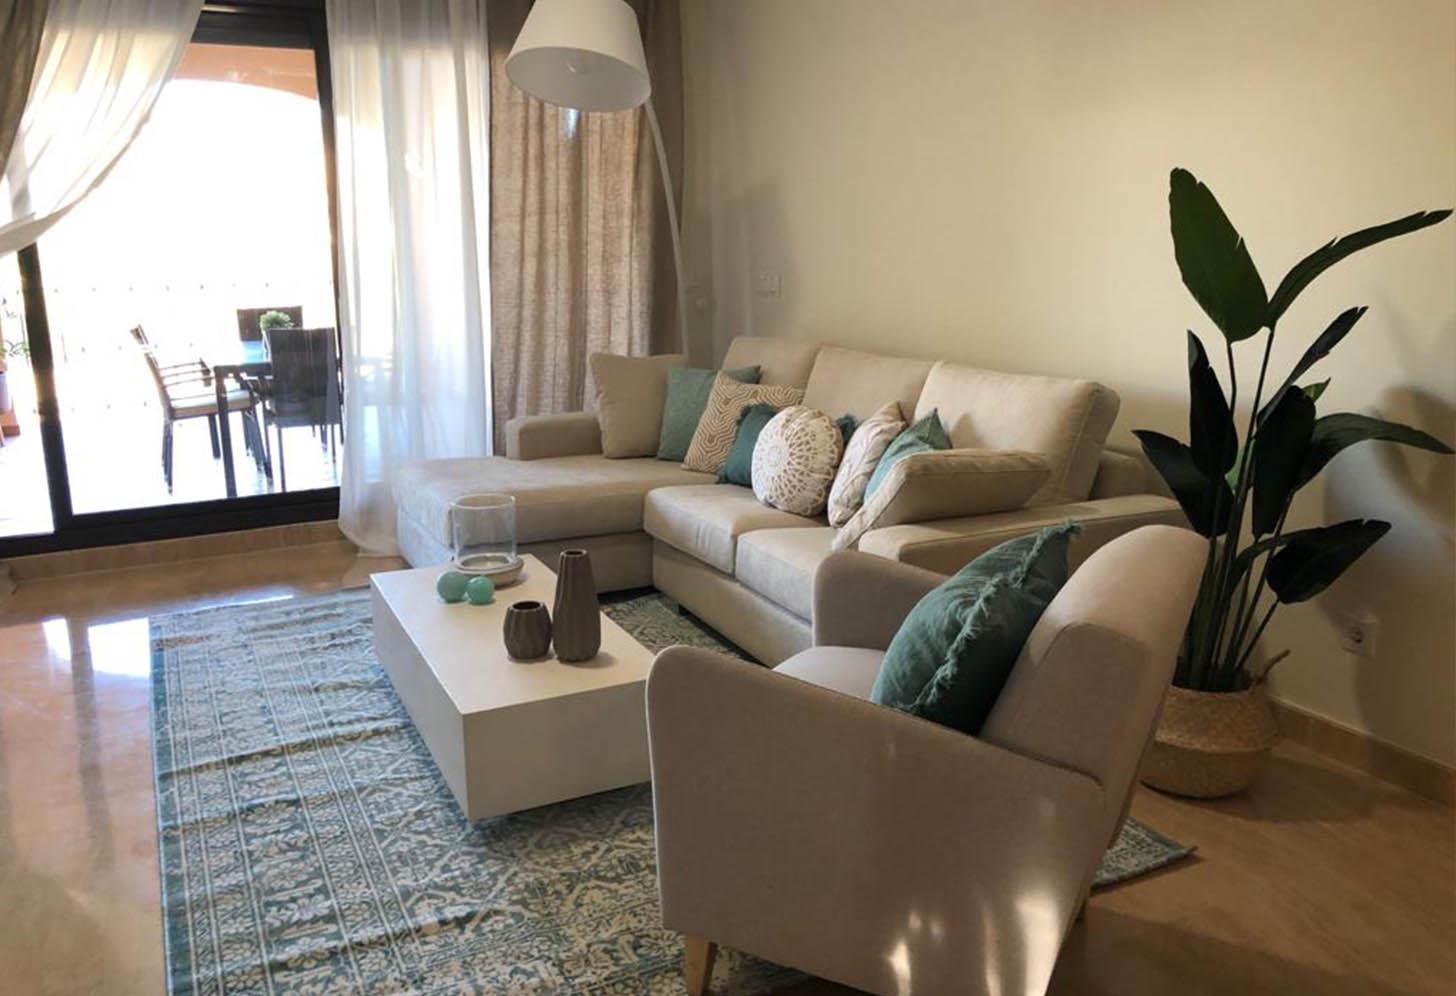 immobilier neuf espagne costa del sol on-m4 dona lucia salon